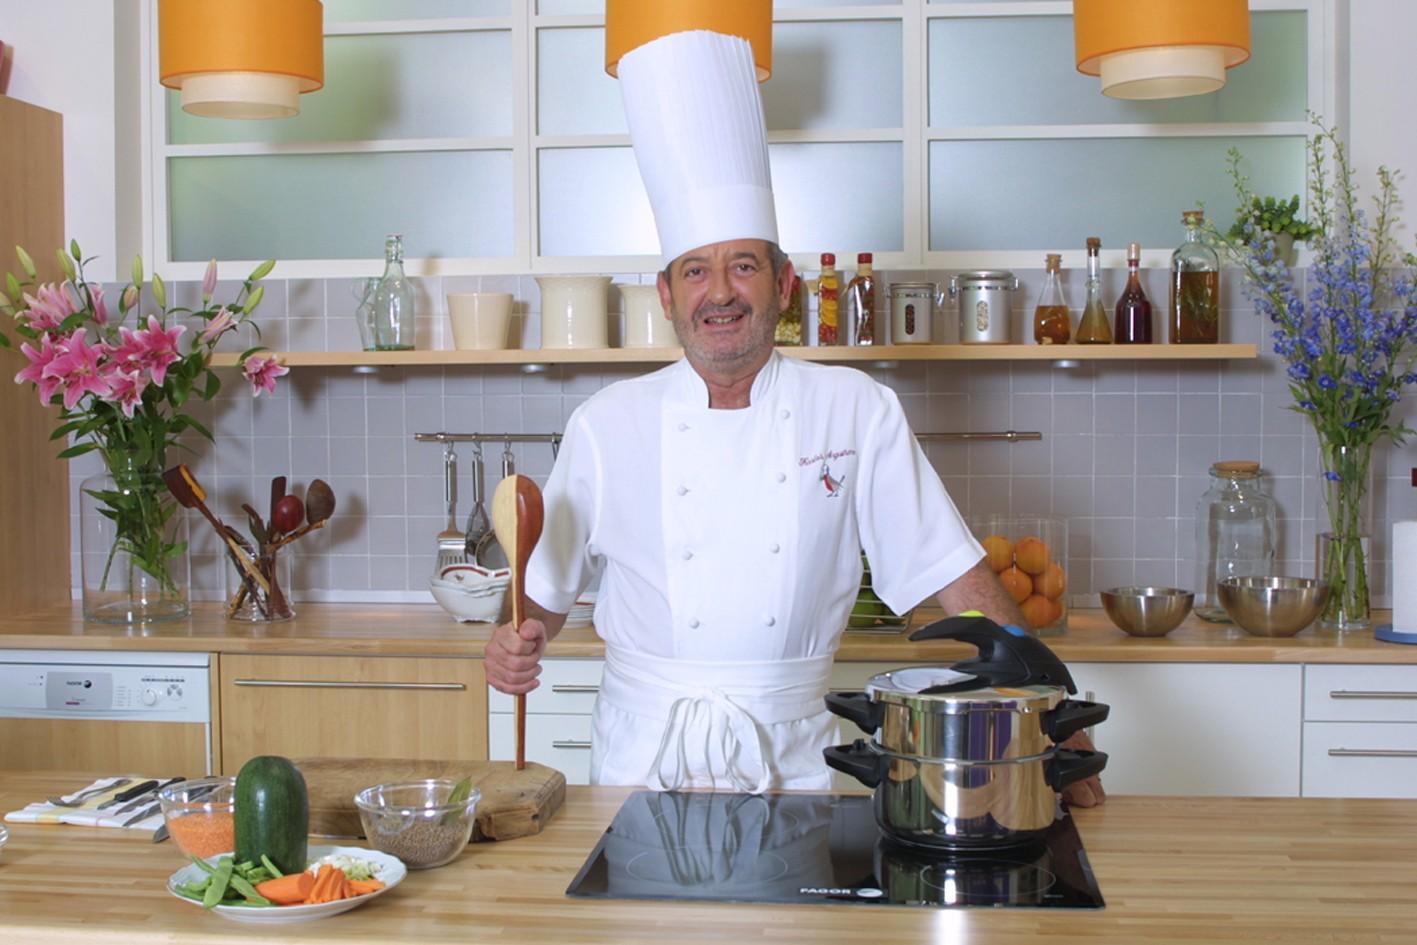 Karlos argui ano profesor de cocina for Elementos de cocina para chef